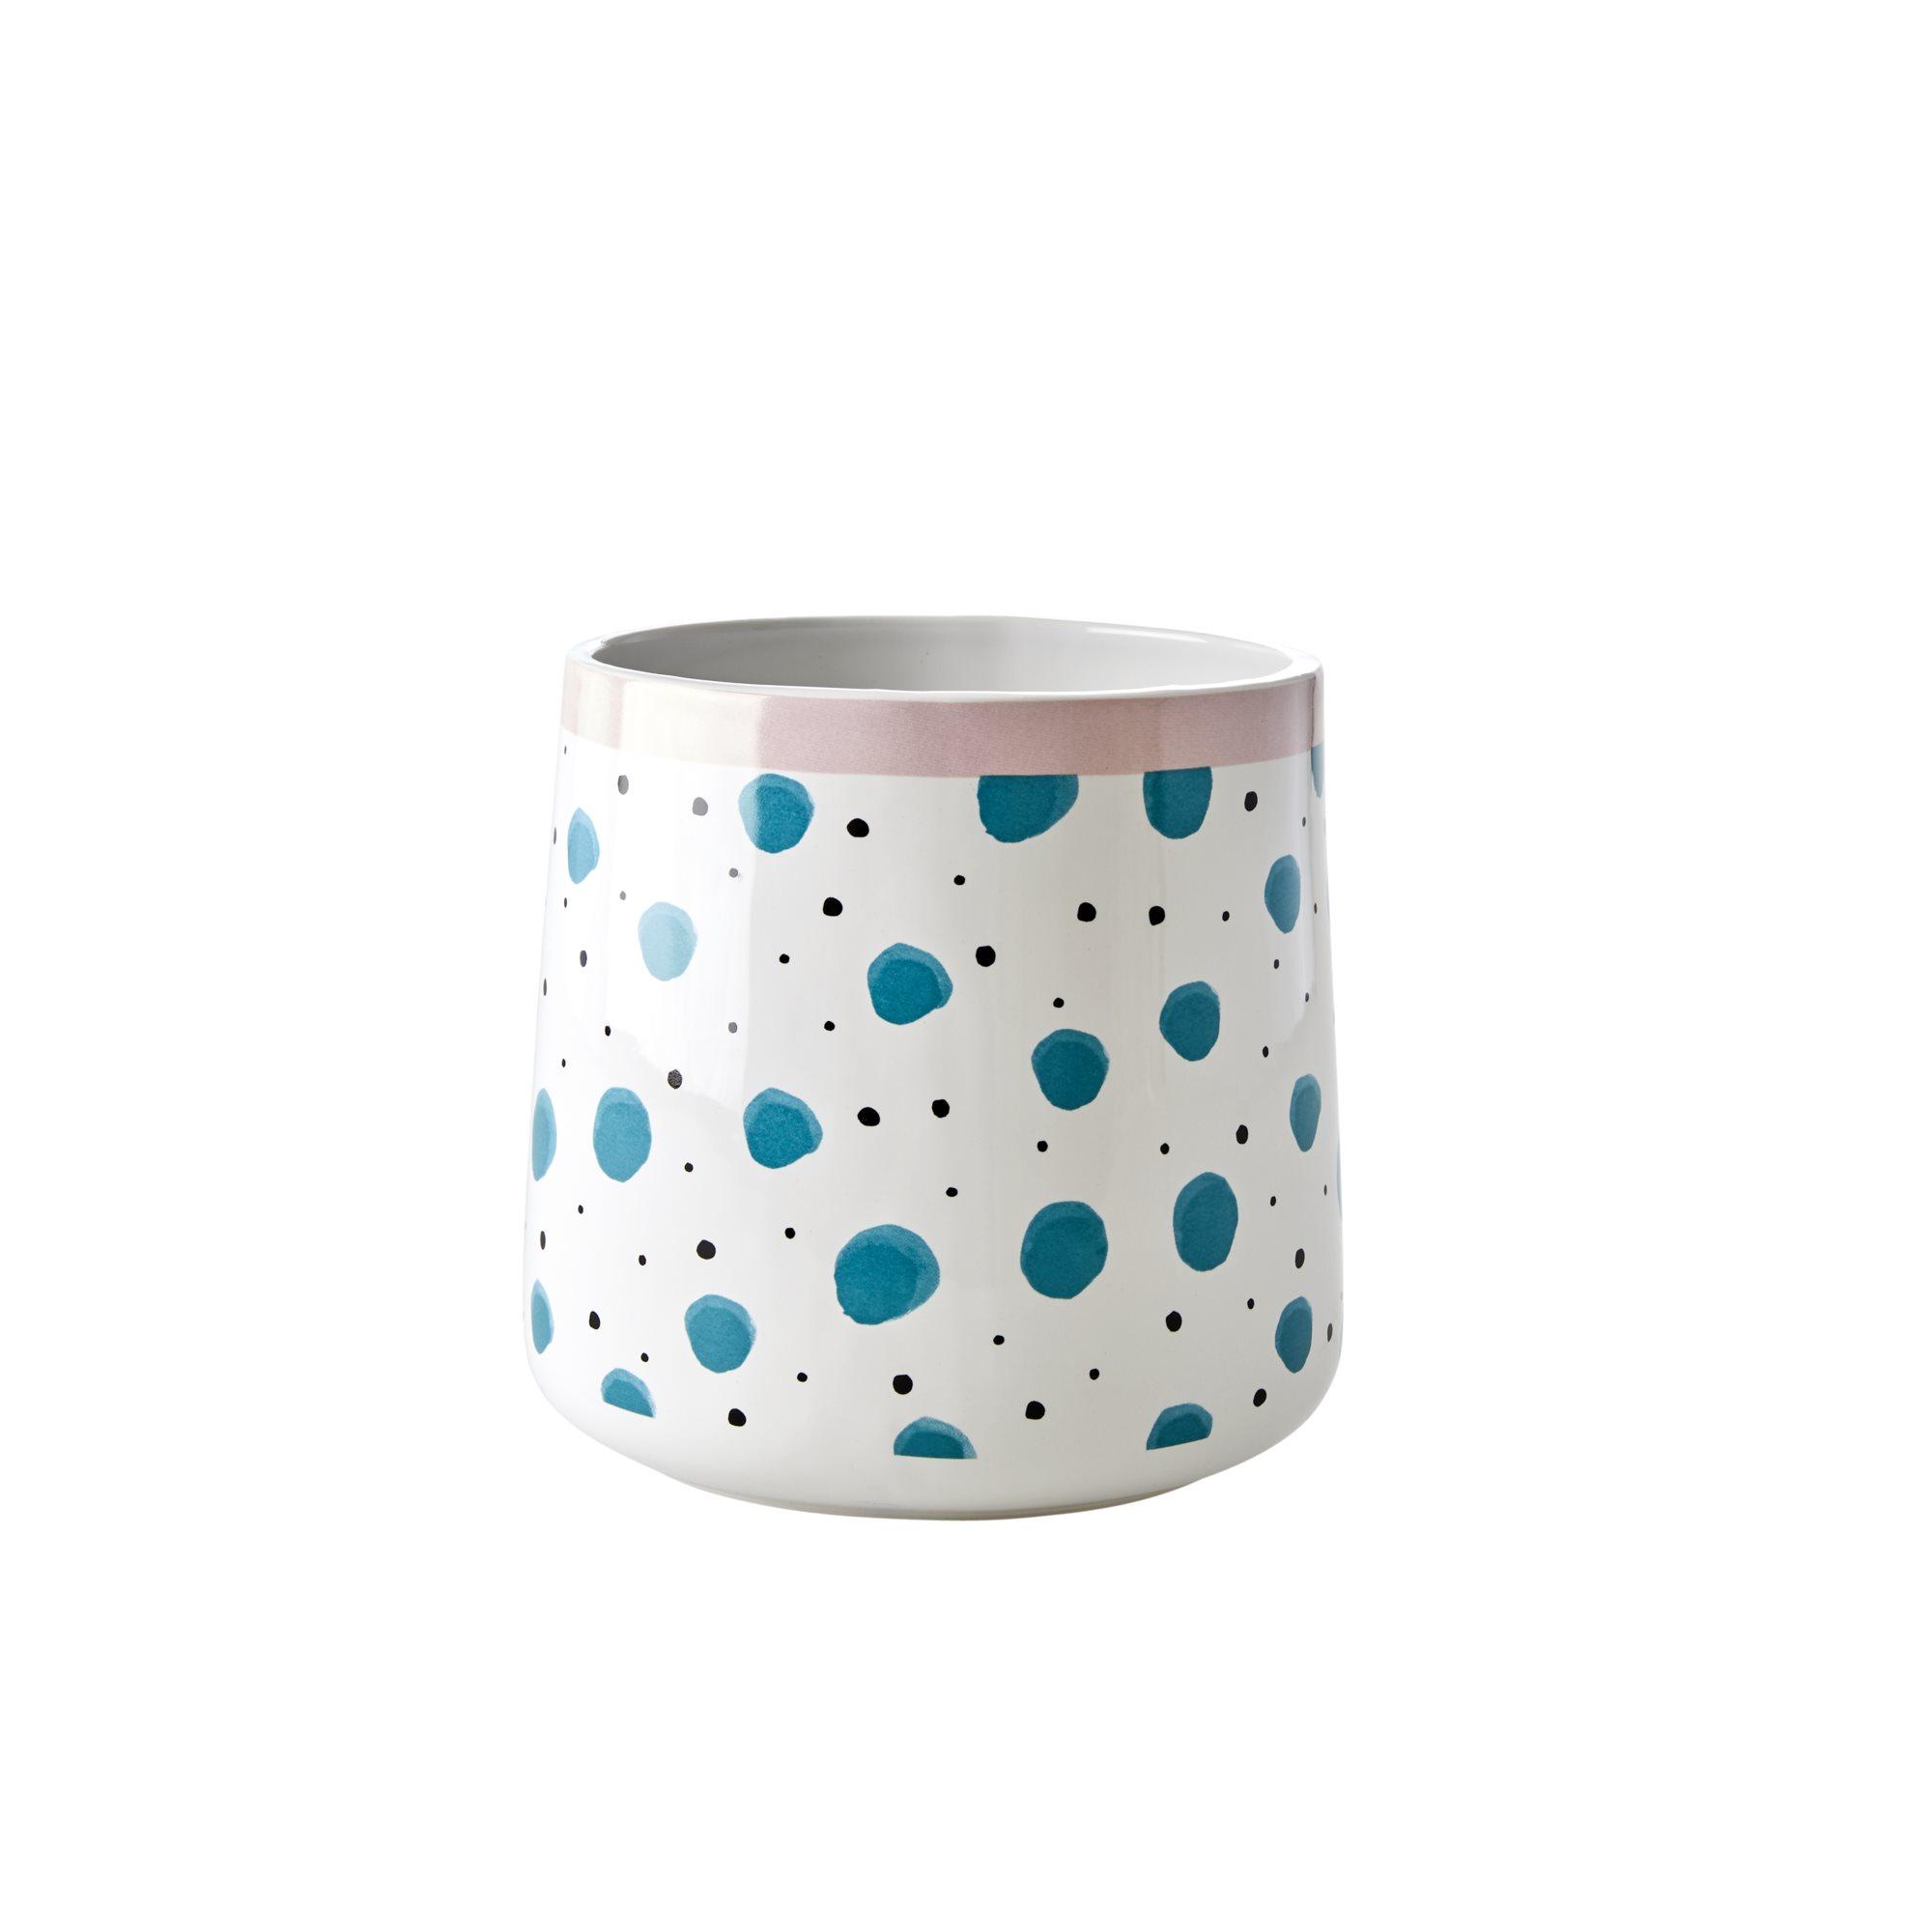 Rice - Ceramic Jar for Utensils - Green Watercolor Splash